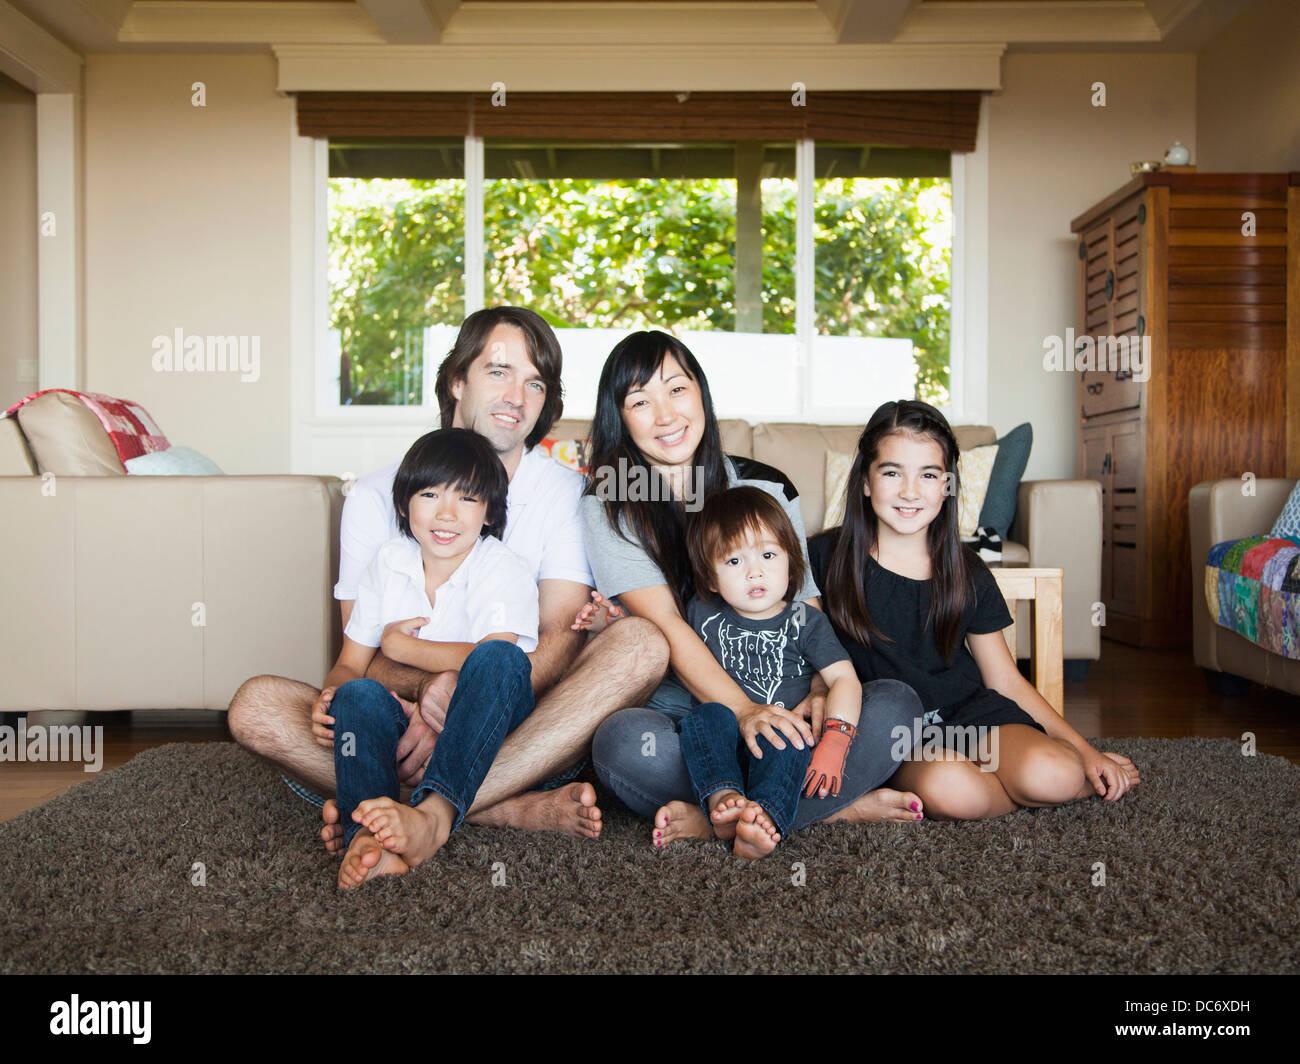 Porträt der Familie im Wohnzimmer sitzen Stockbild